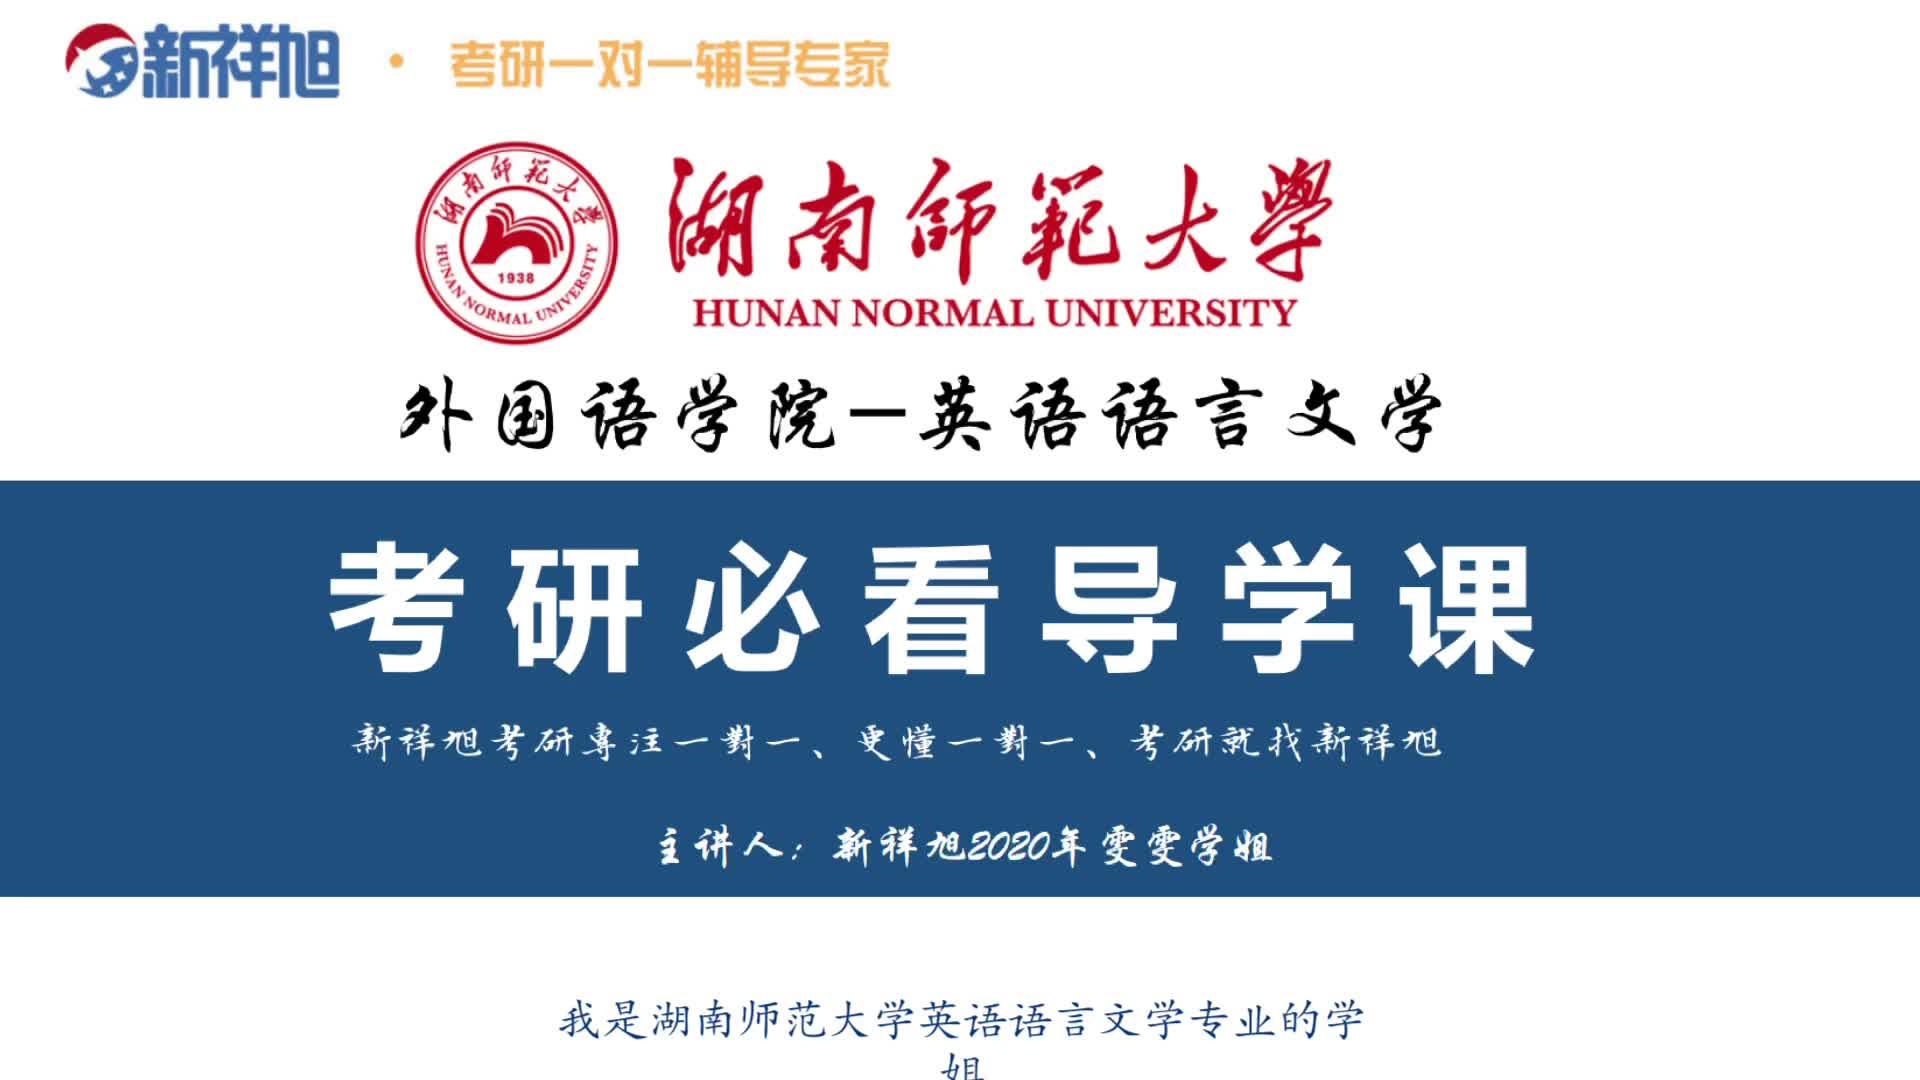 【新祥旭考研】湖南师范大学-外国语学院-英语语言文学考研学姐导学课.MP4